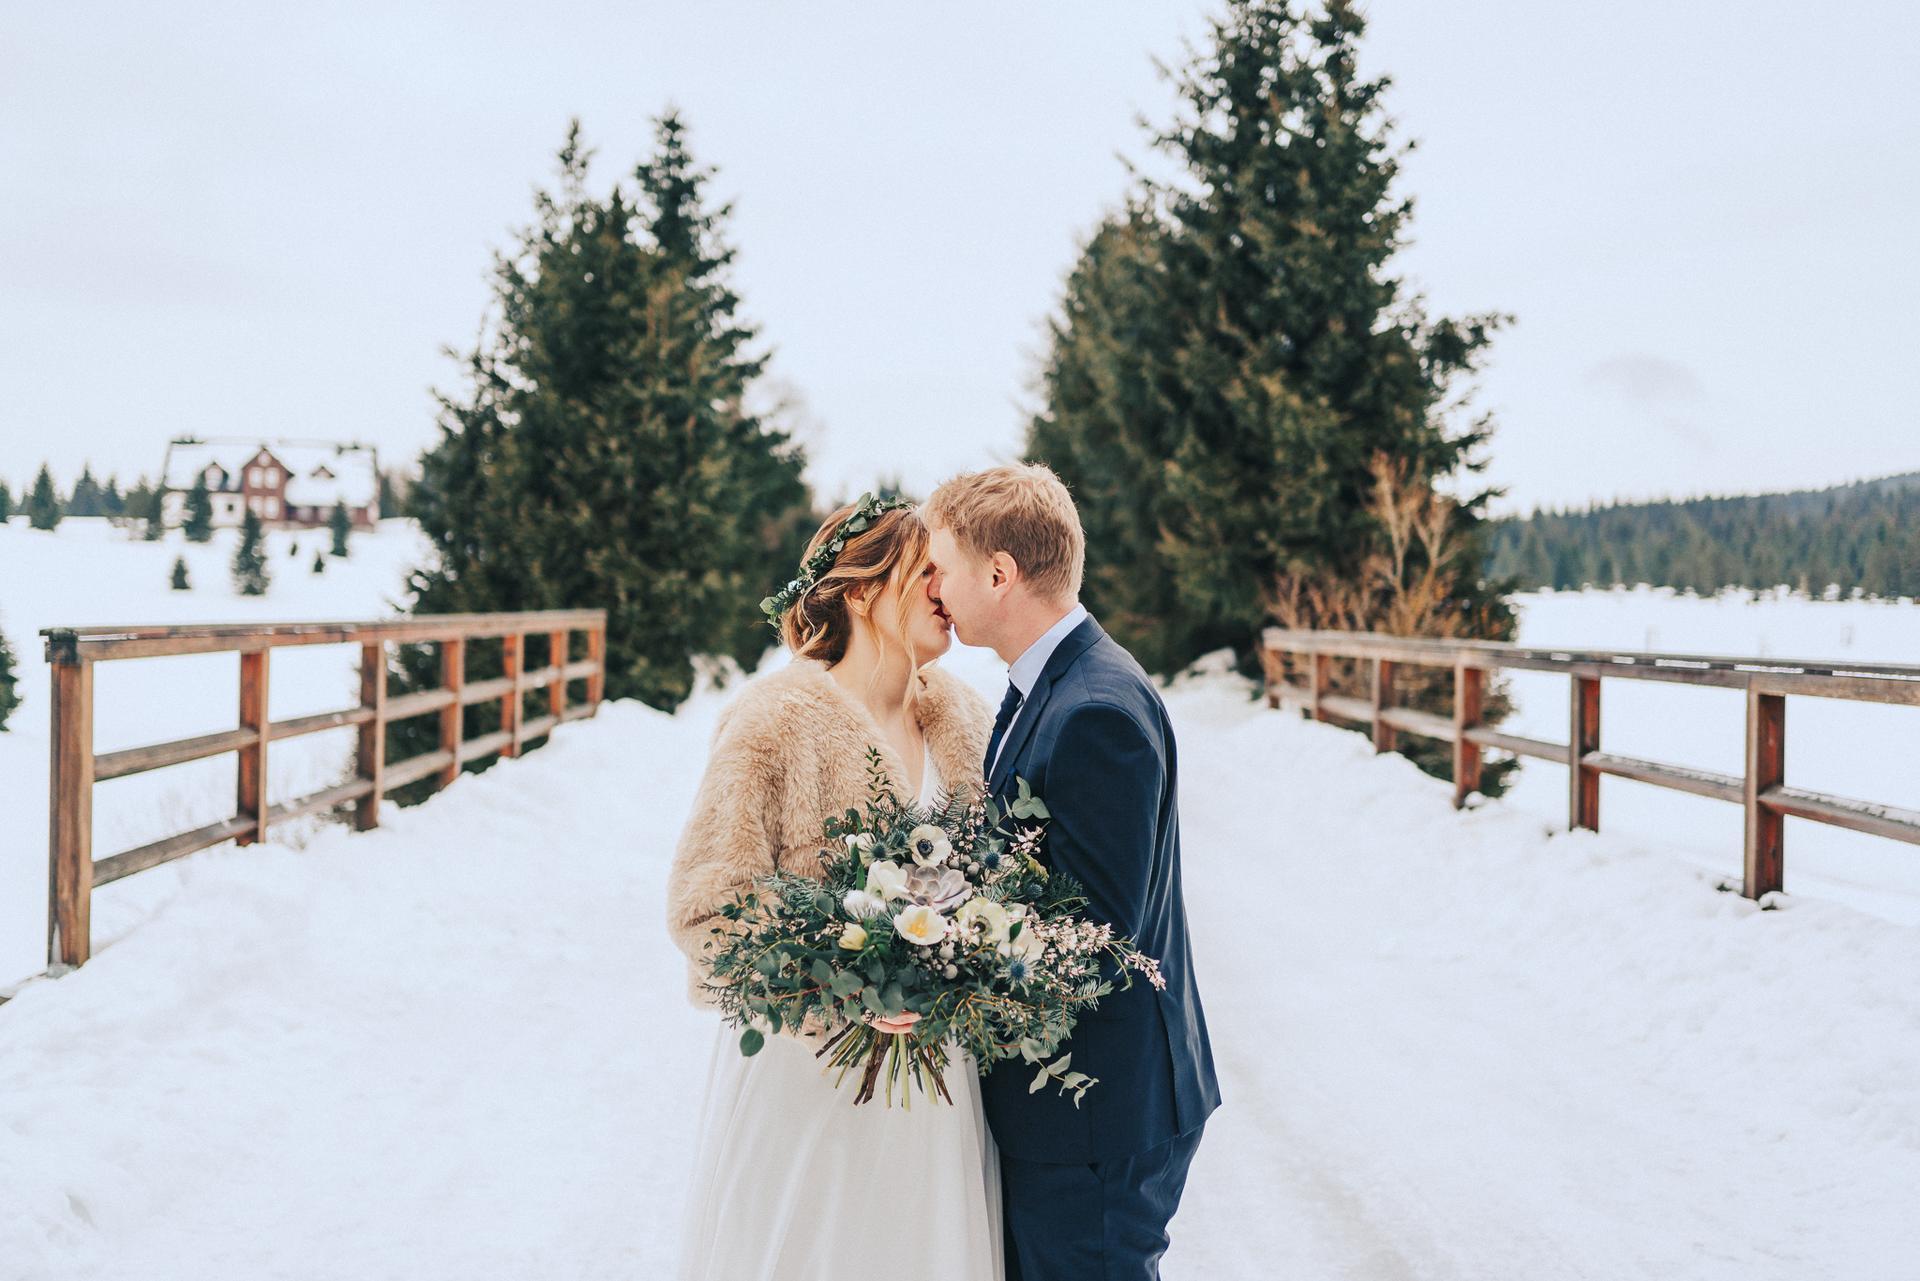 Romantická zimní svatba - Obrázek č. 1